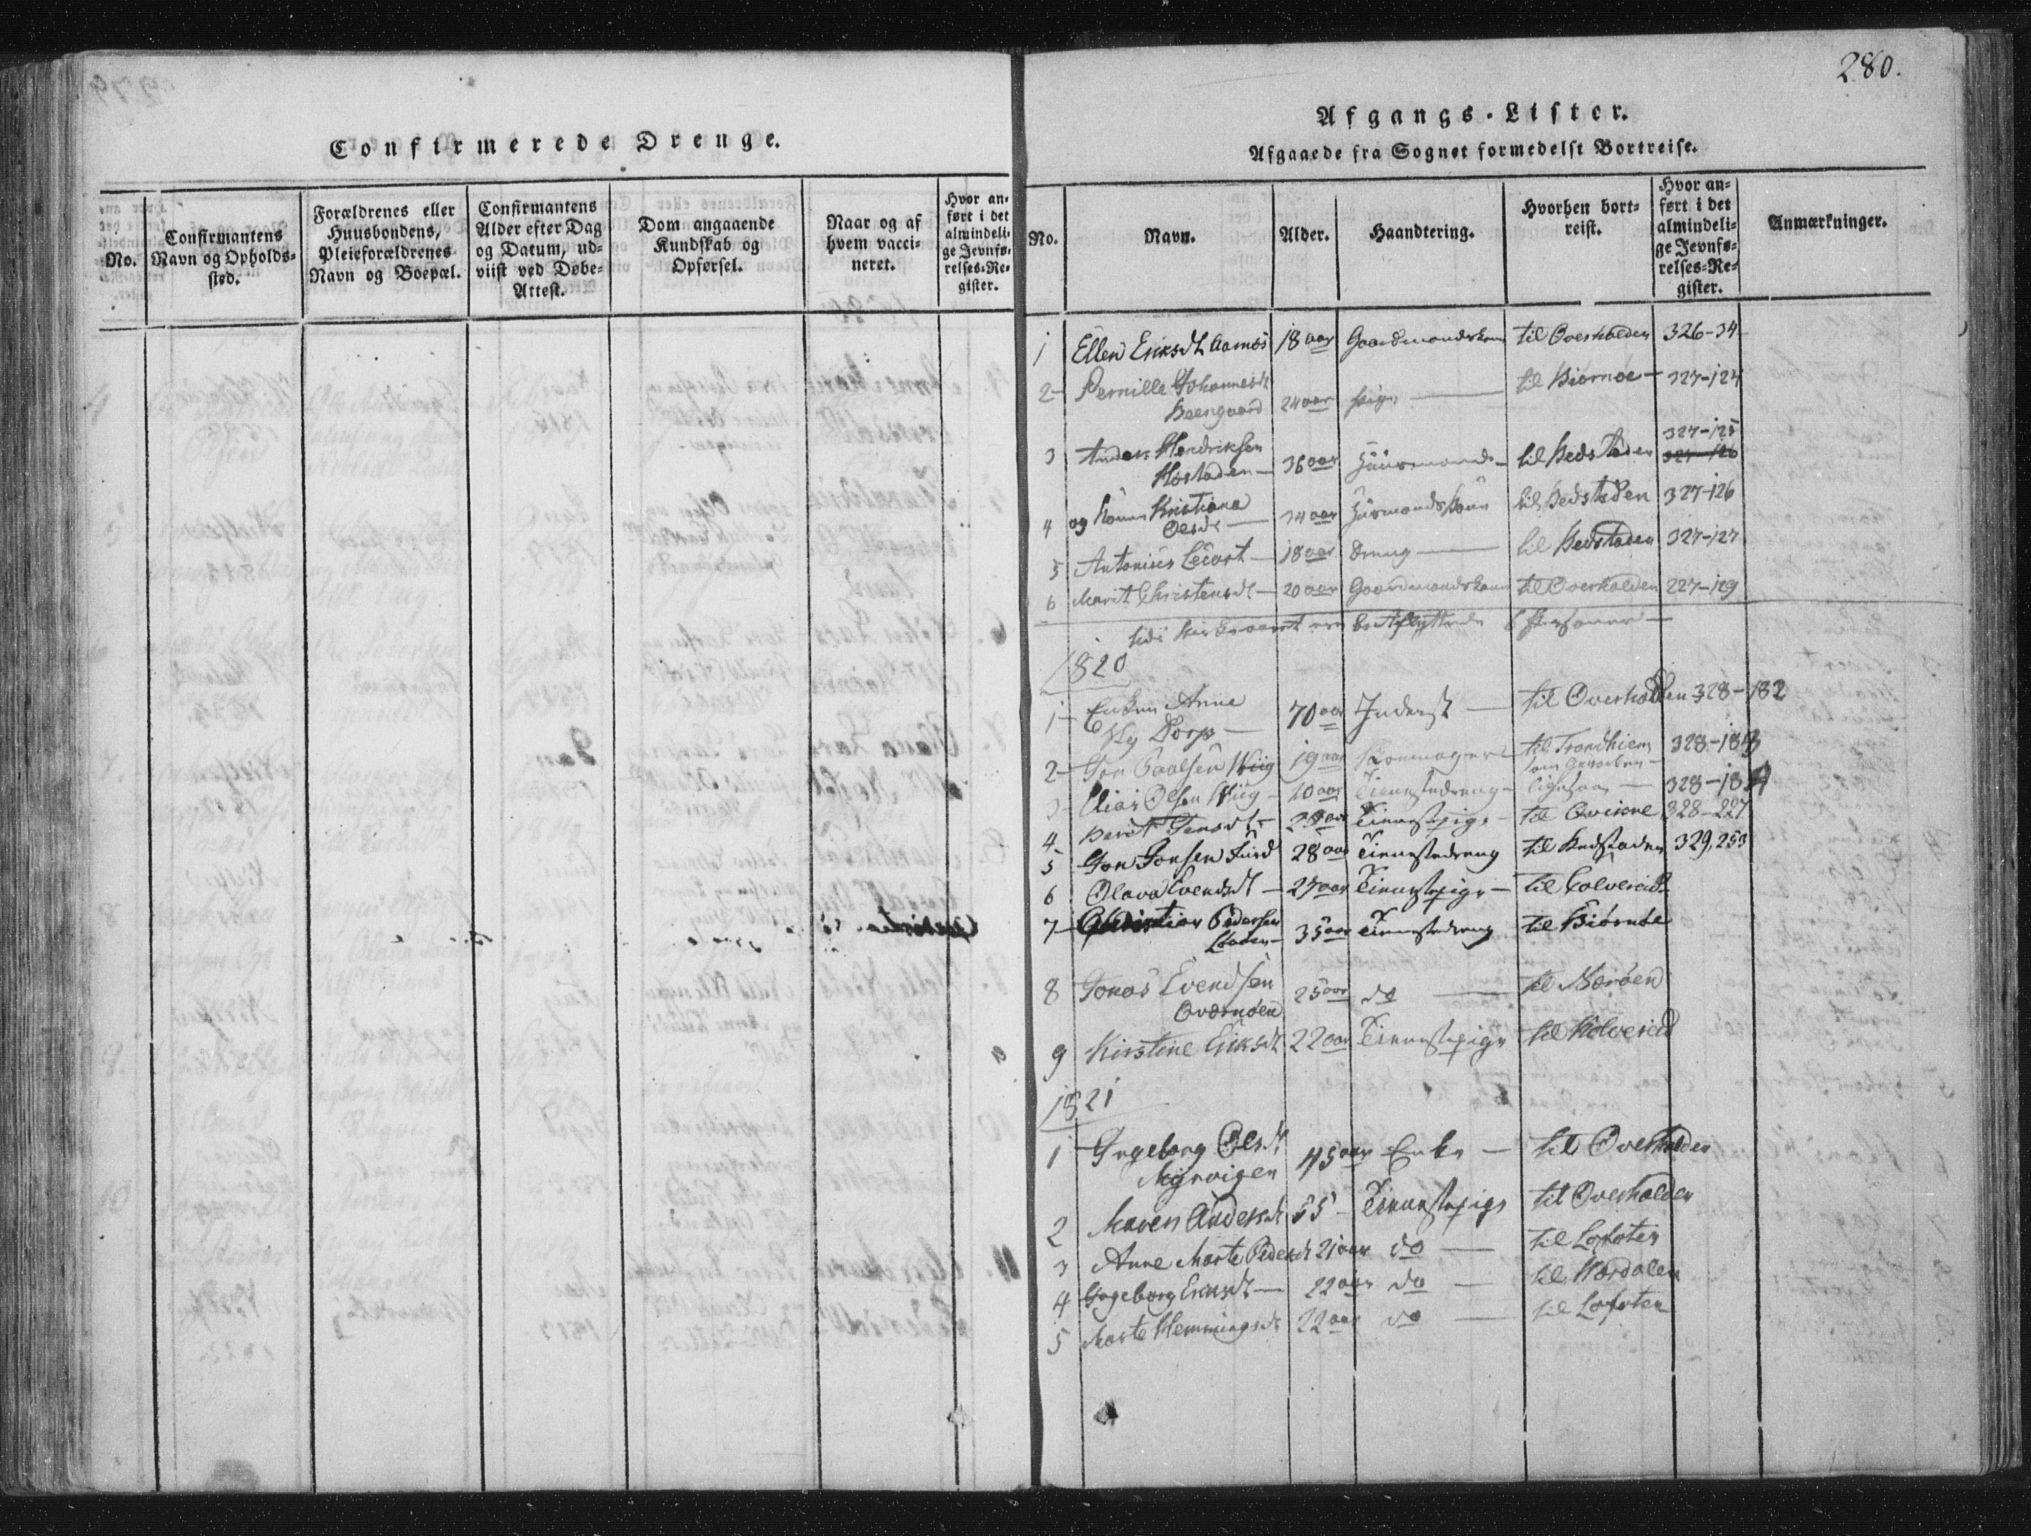 SAT, Ministerialprotokoller, klokkerbøker og fødselsregistre - Nord-Trøndelag, 773/L0609: Ministerialbok nr. 773A03 /1, 1815-1830, s. 280